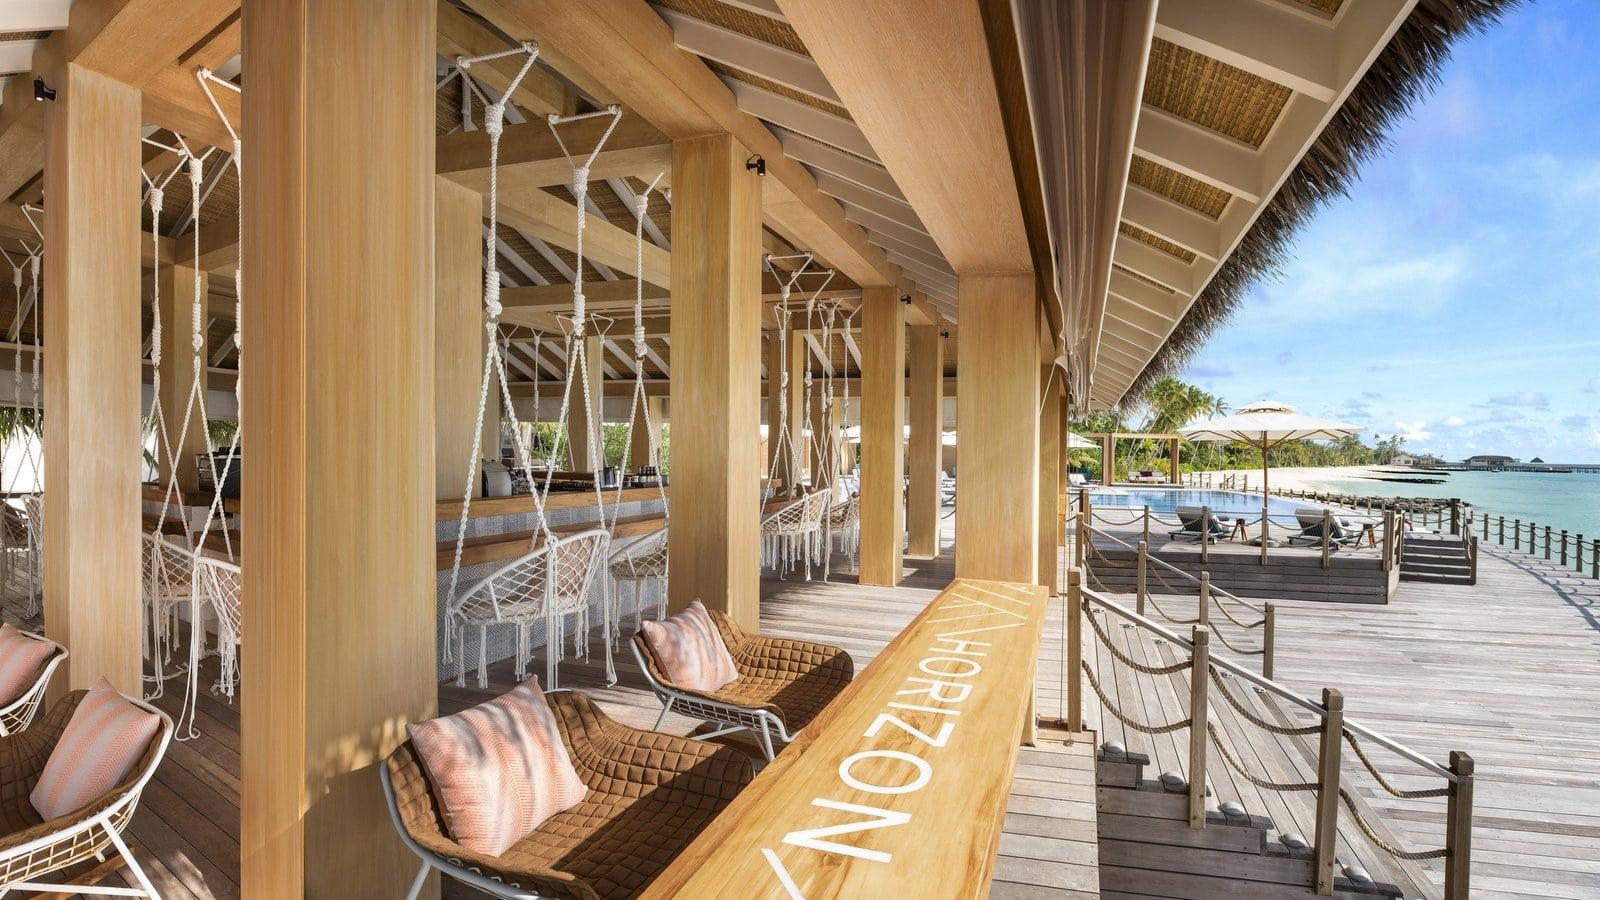 Мальдивы, отель JW Marriott Maldives Resort, бар Horizon